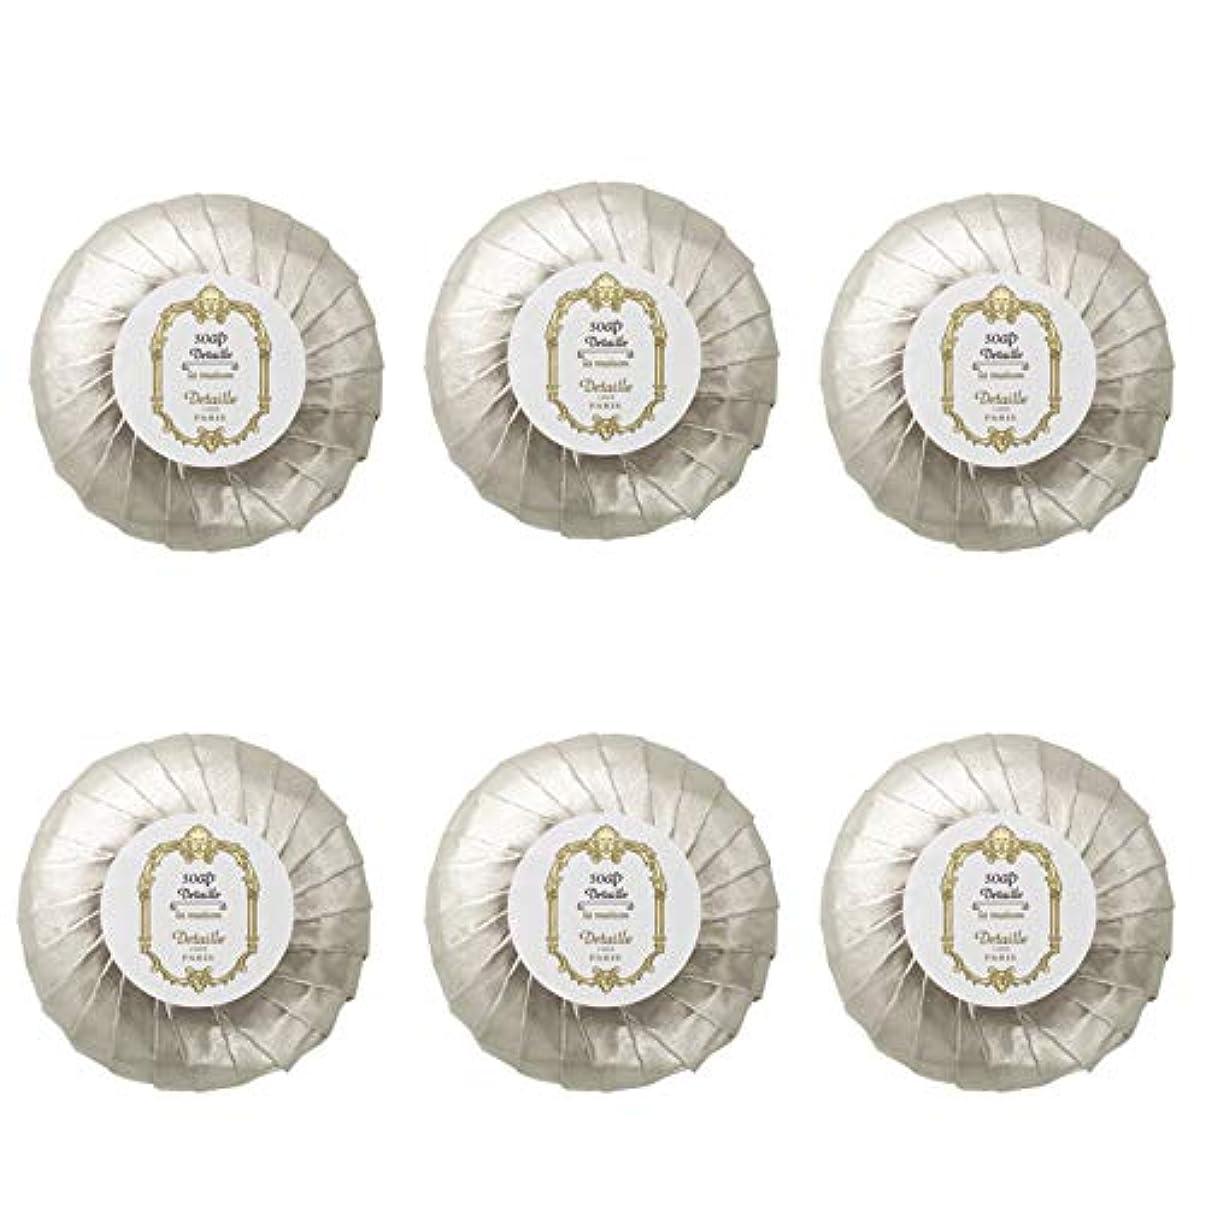 必要性咽頭文明化するPOLA デタイユ ラ メゾン スキンソープ 固形石鹸 (プリーツ包装) 50g×6個